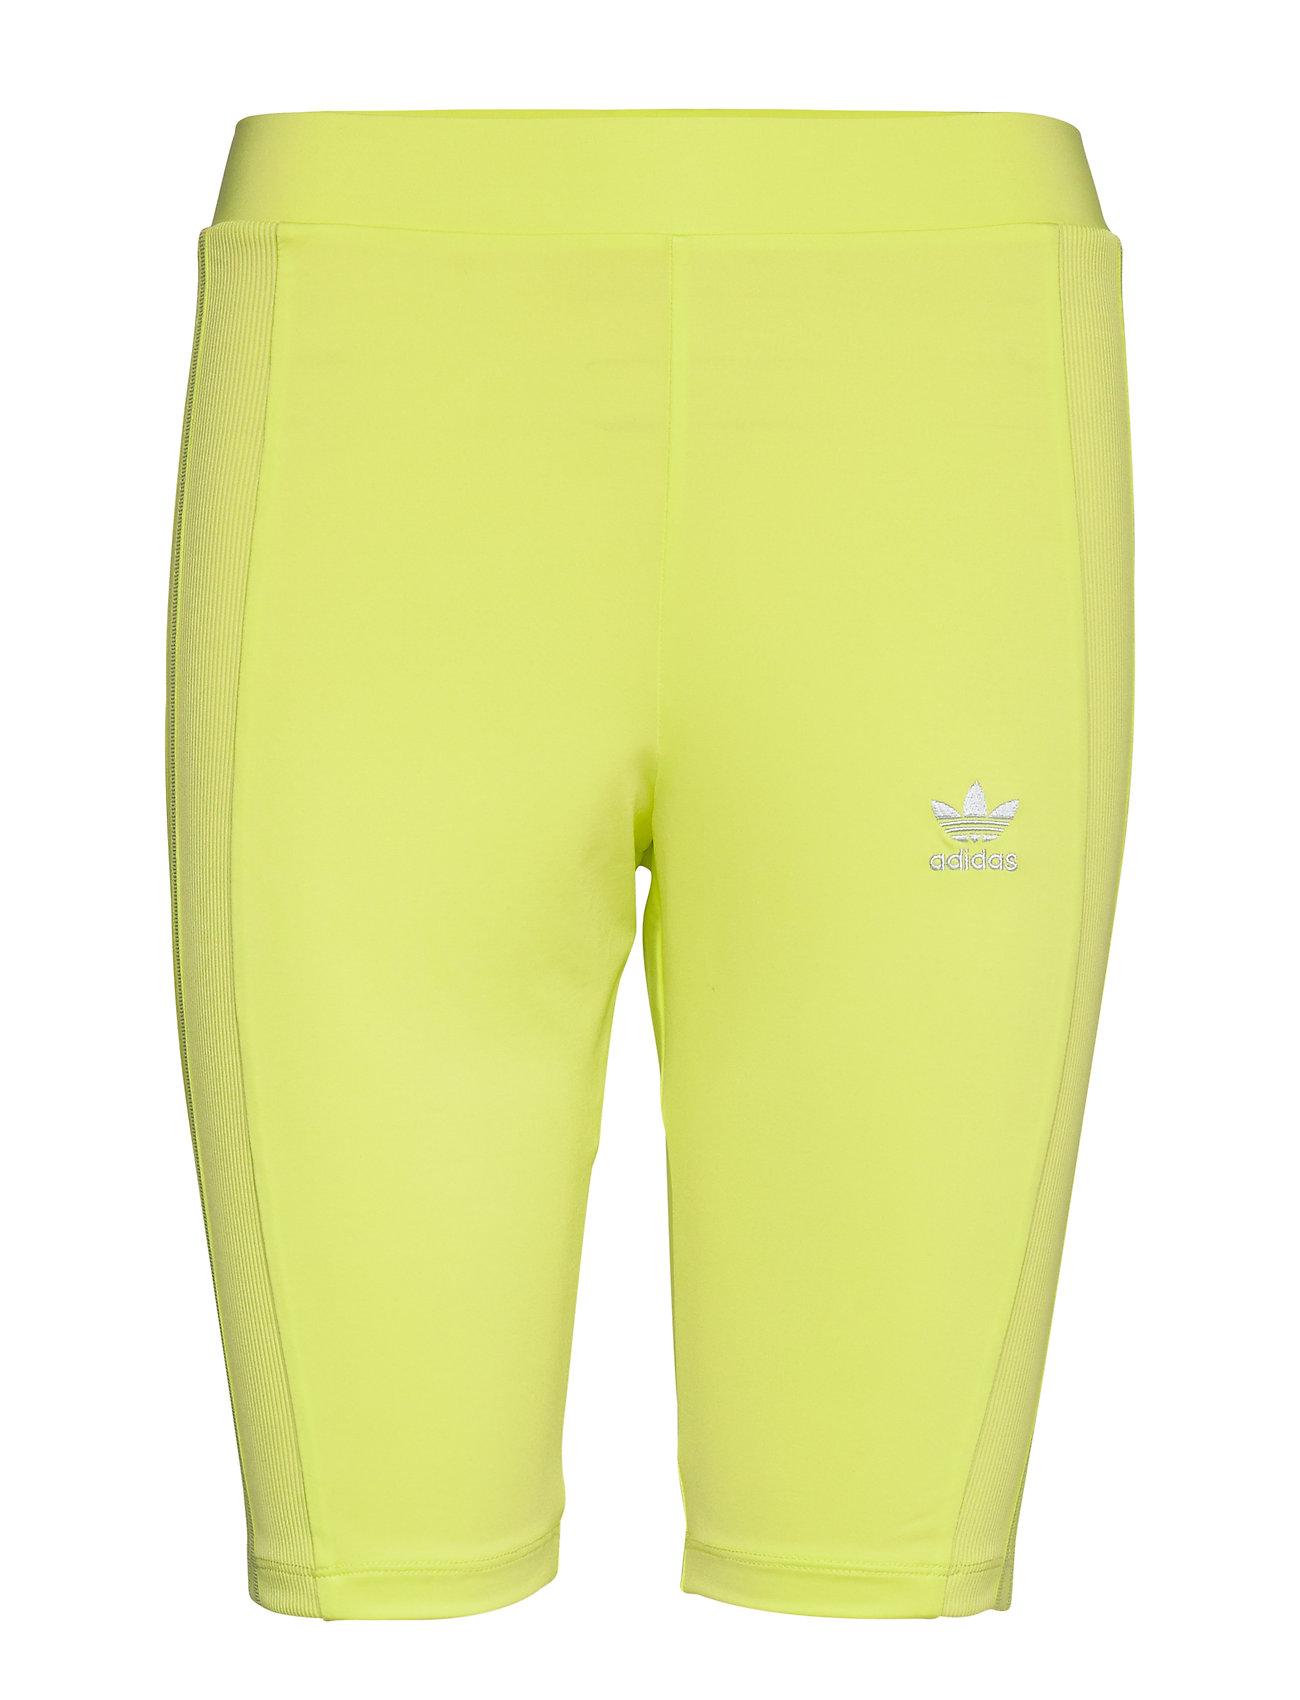 adidas Originals CYCLING SHORTS - SEFRYE